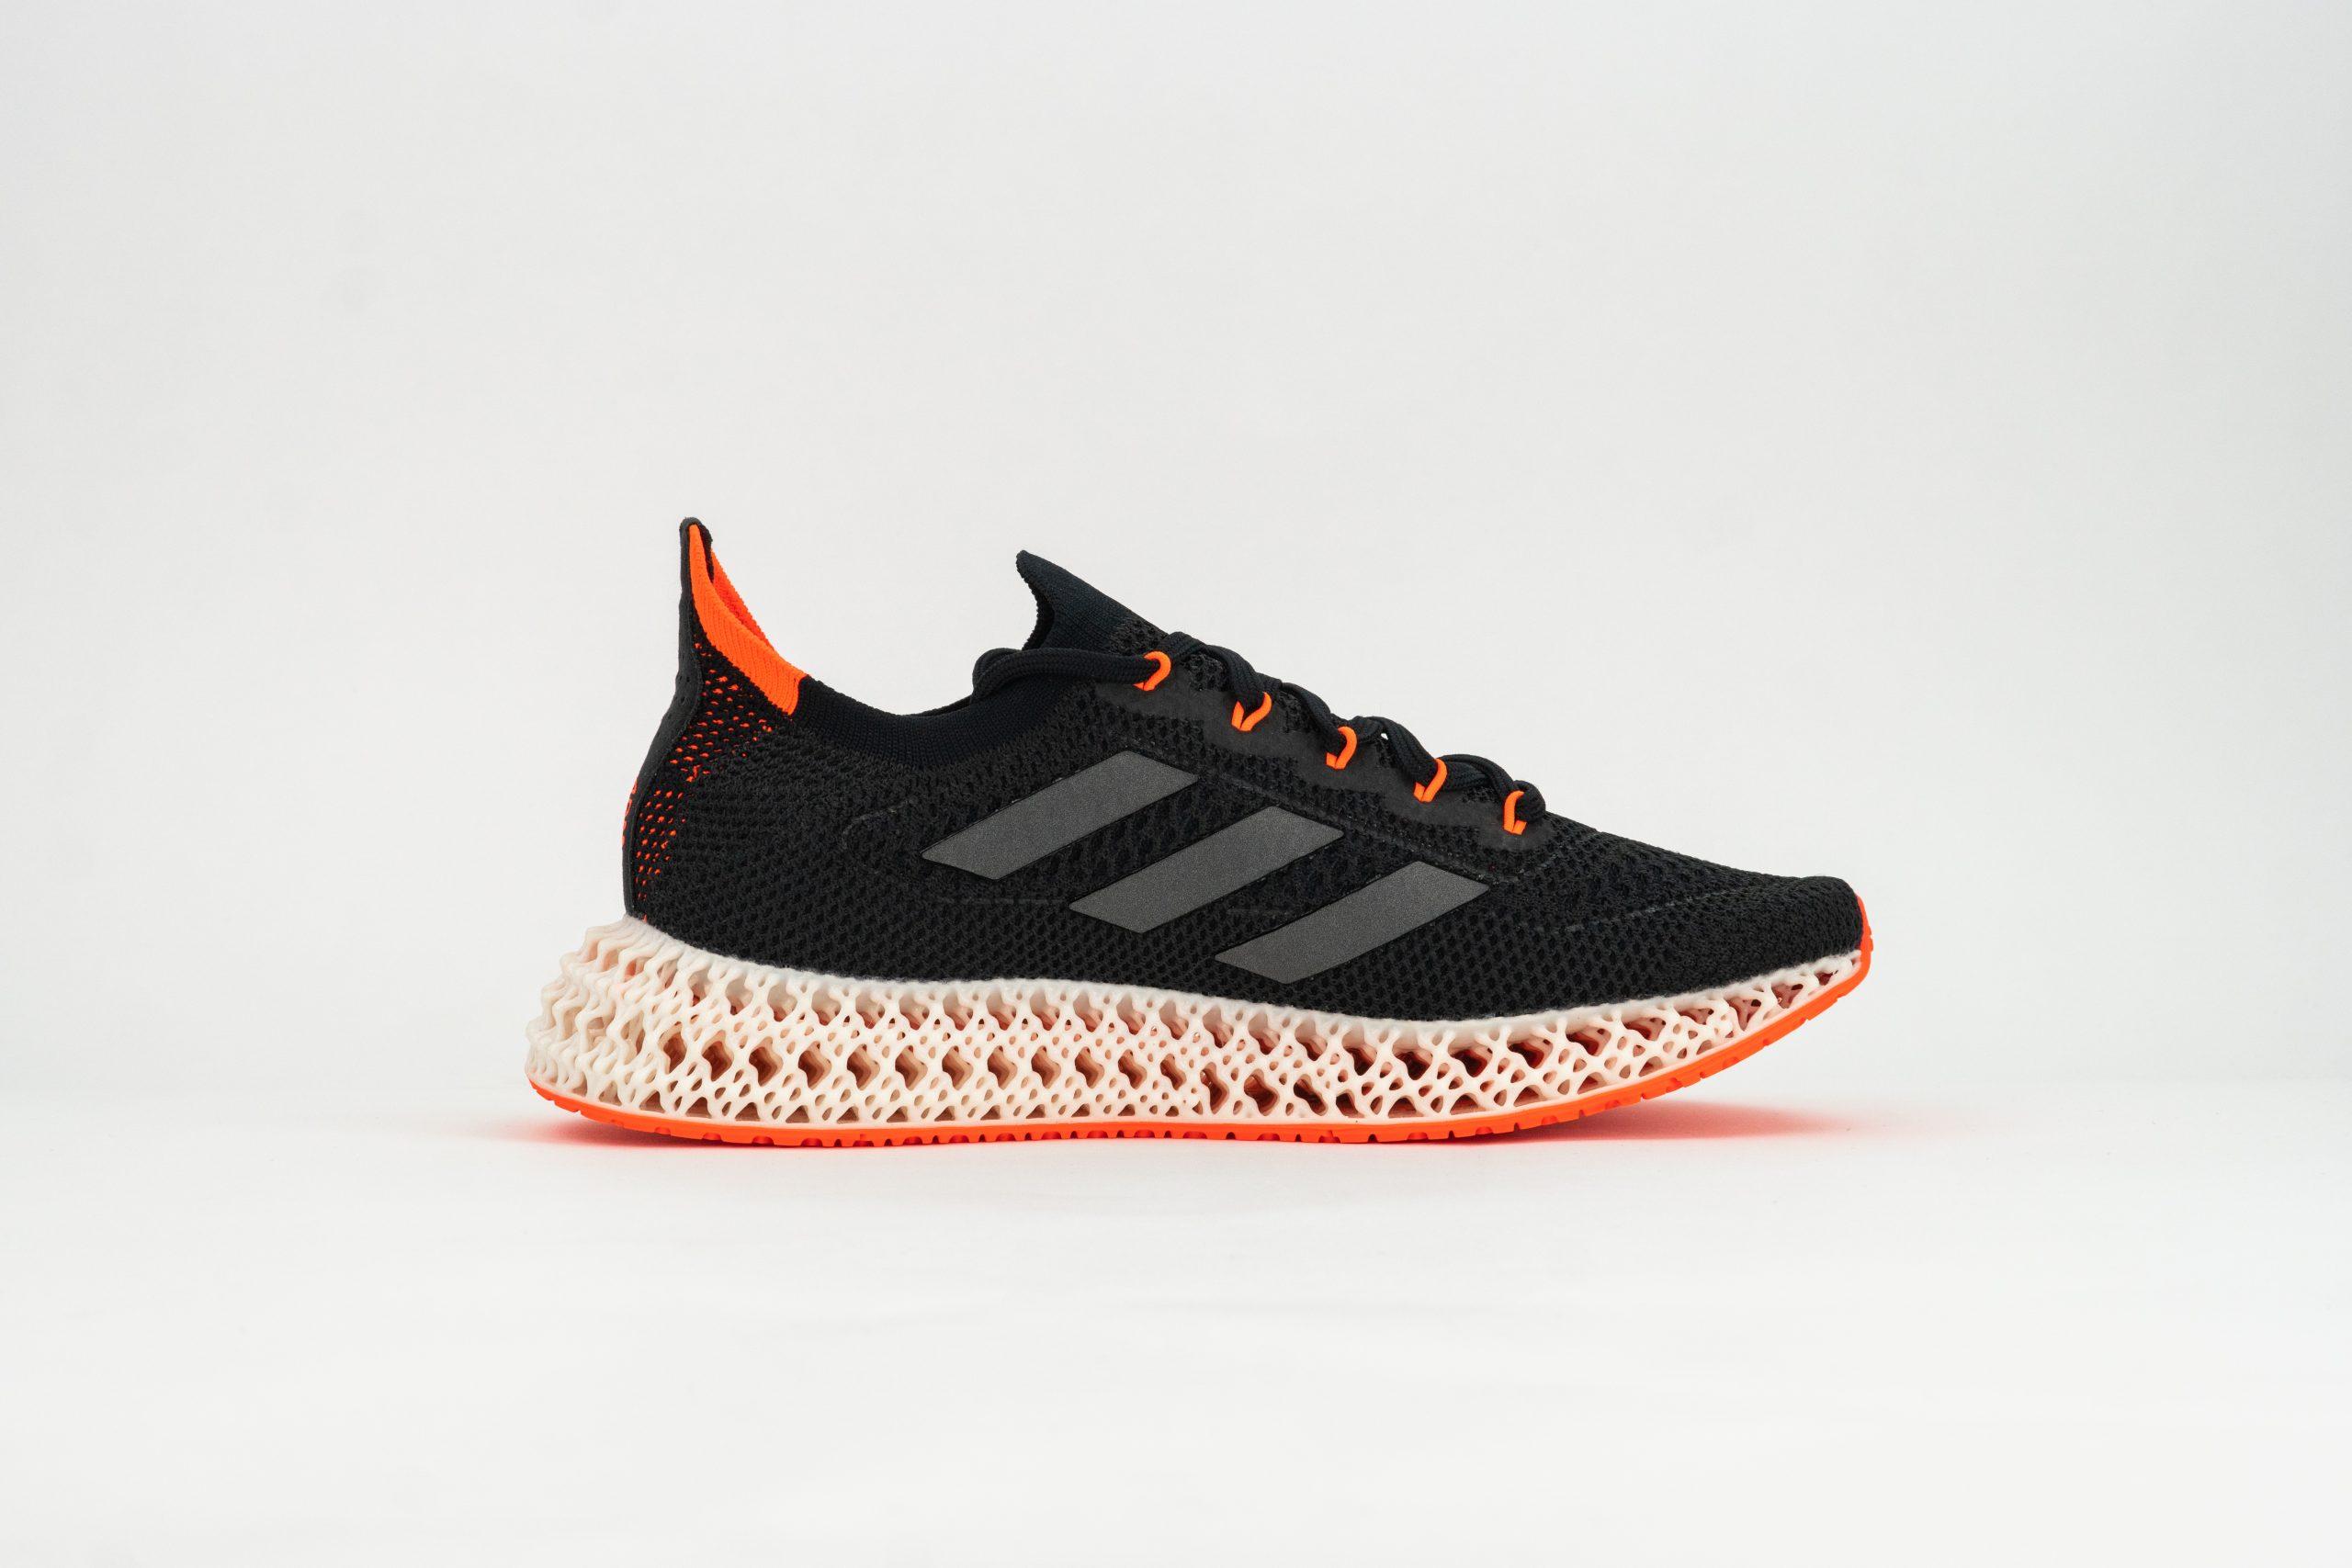 Adidas' 4DFWD running shoe. Photo via adidas.